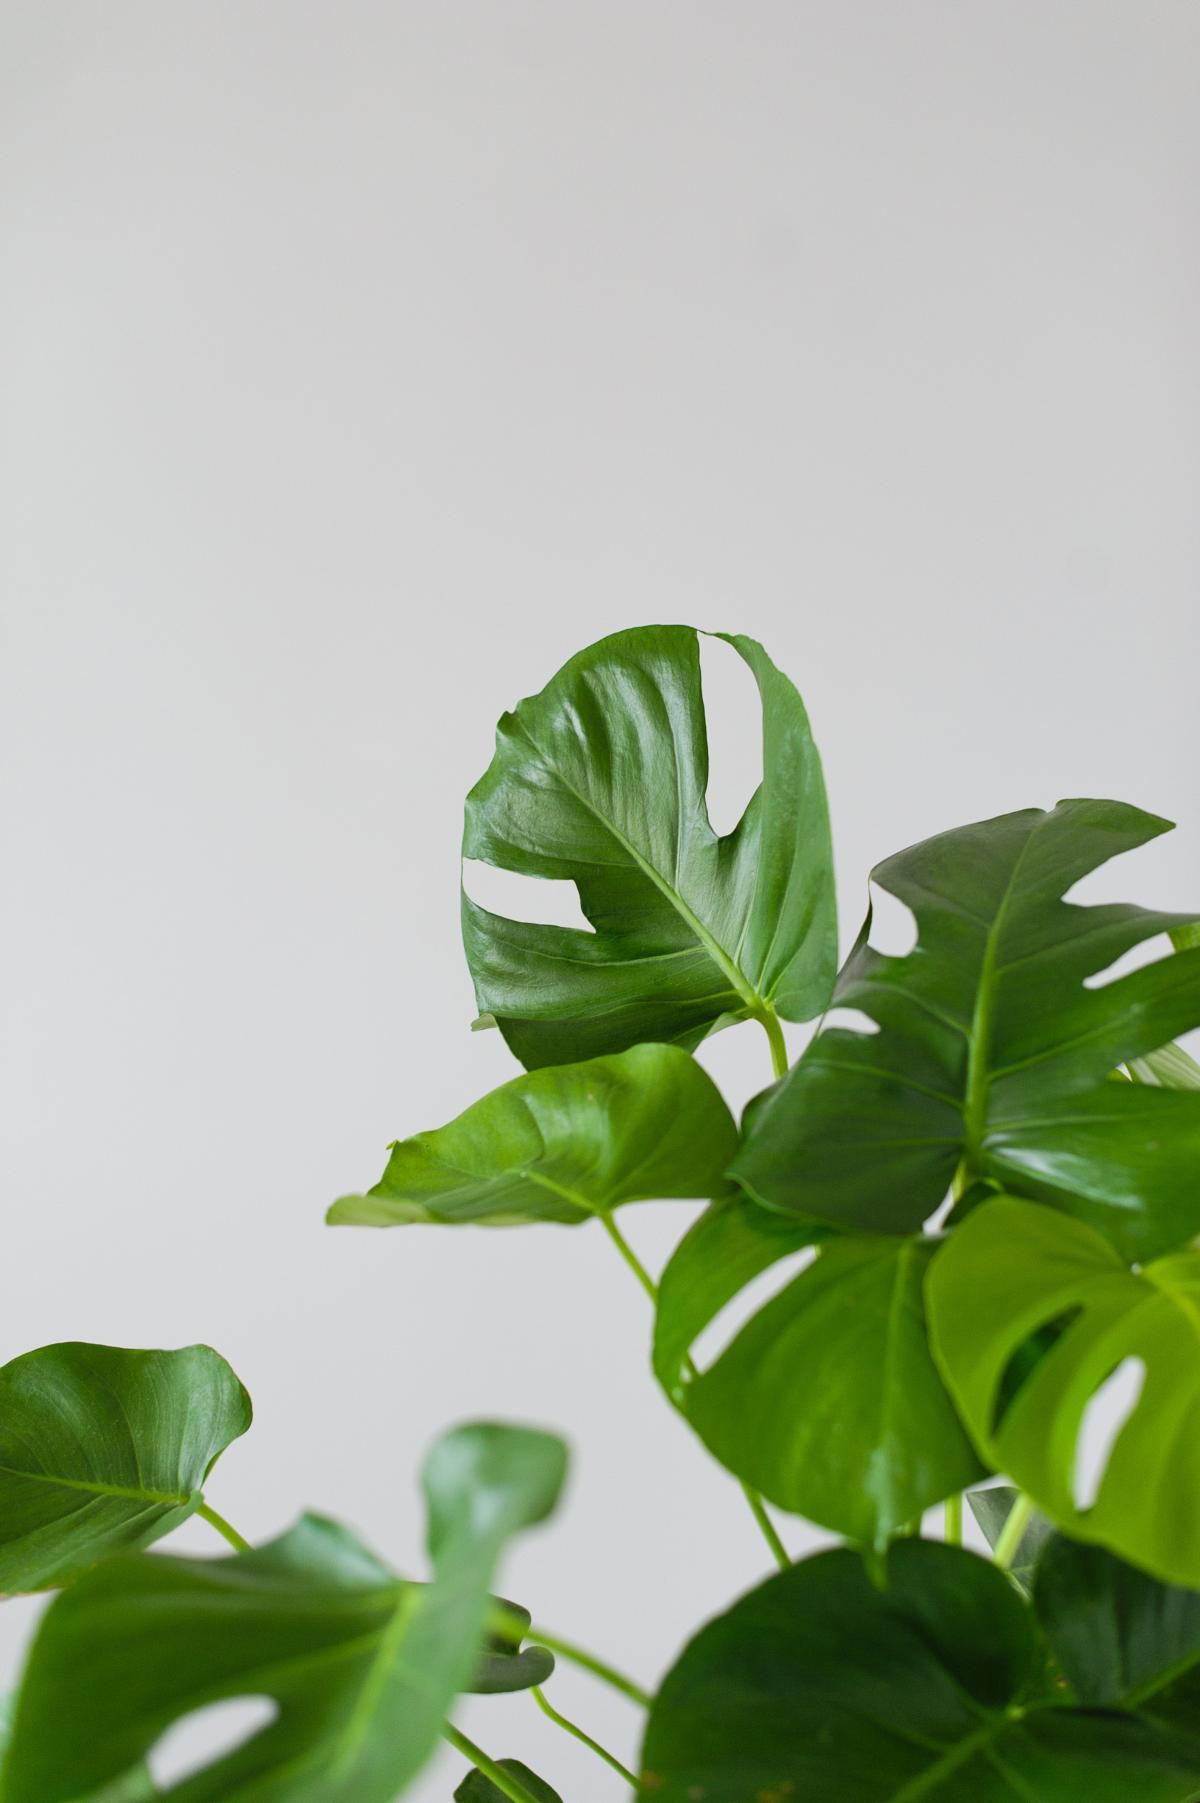 Leaf Plant Leaves #422362